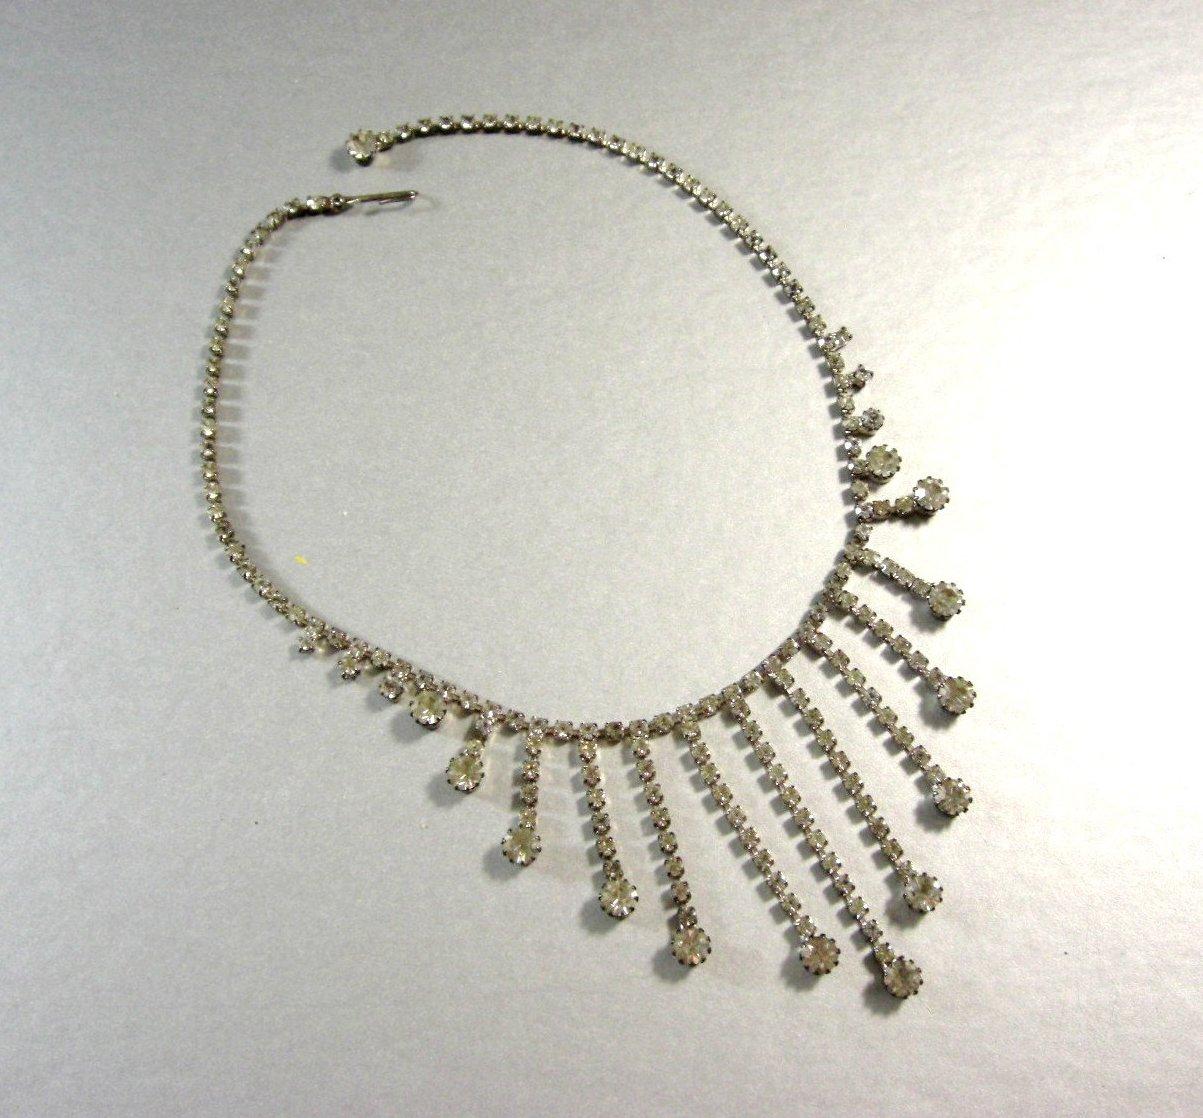 Old Clear Rhinestone Necklace / Bridal Wedding